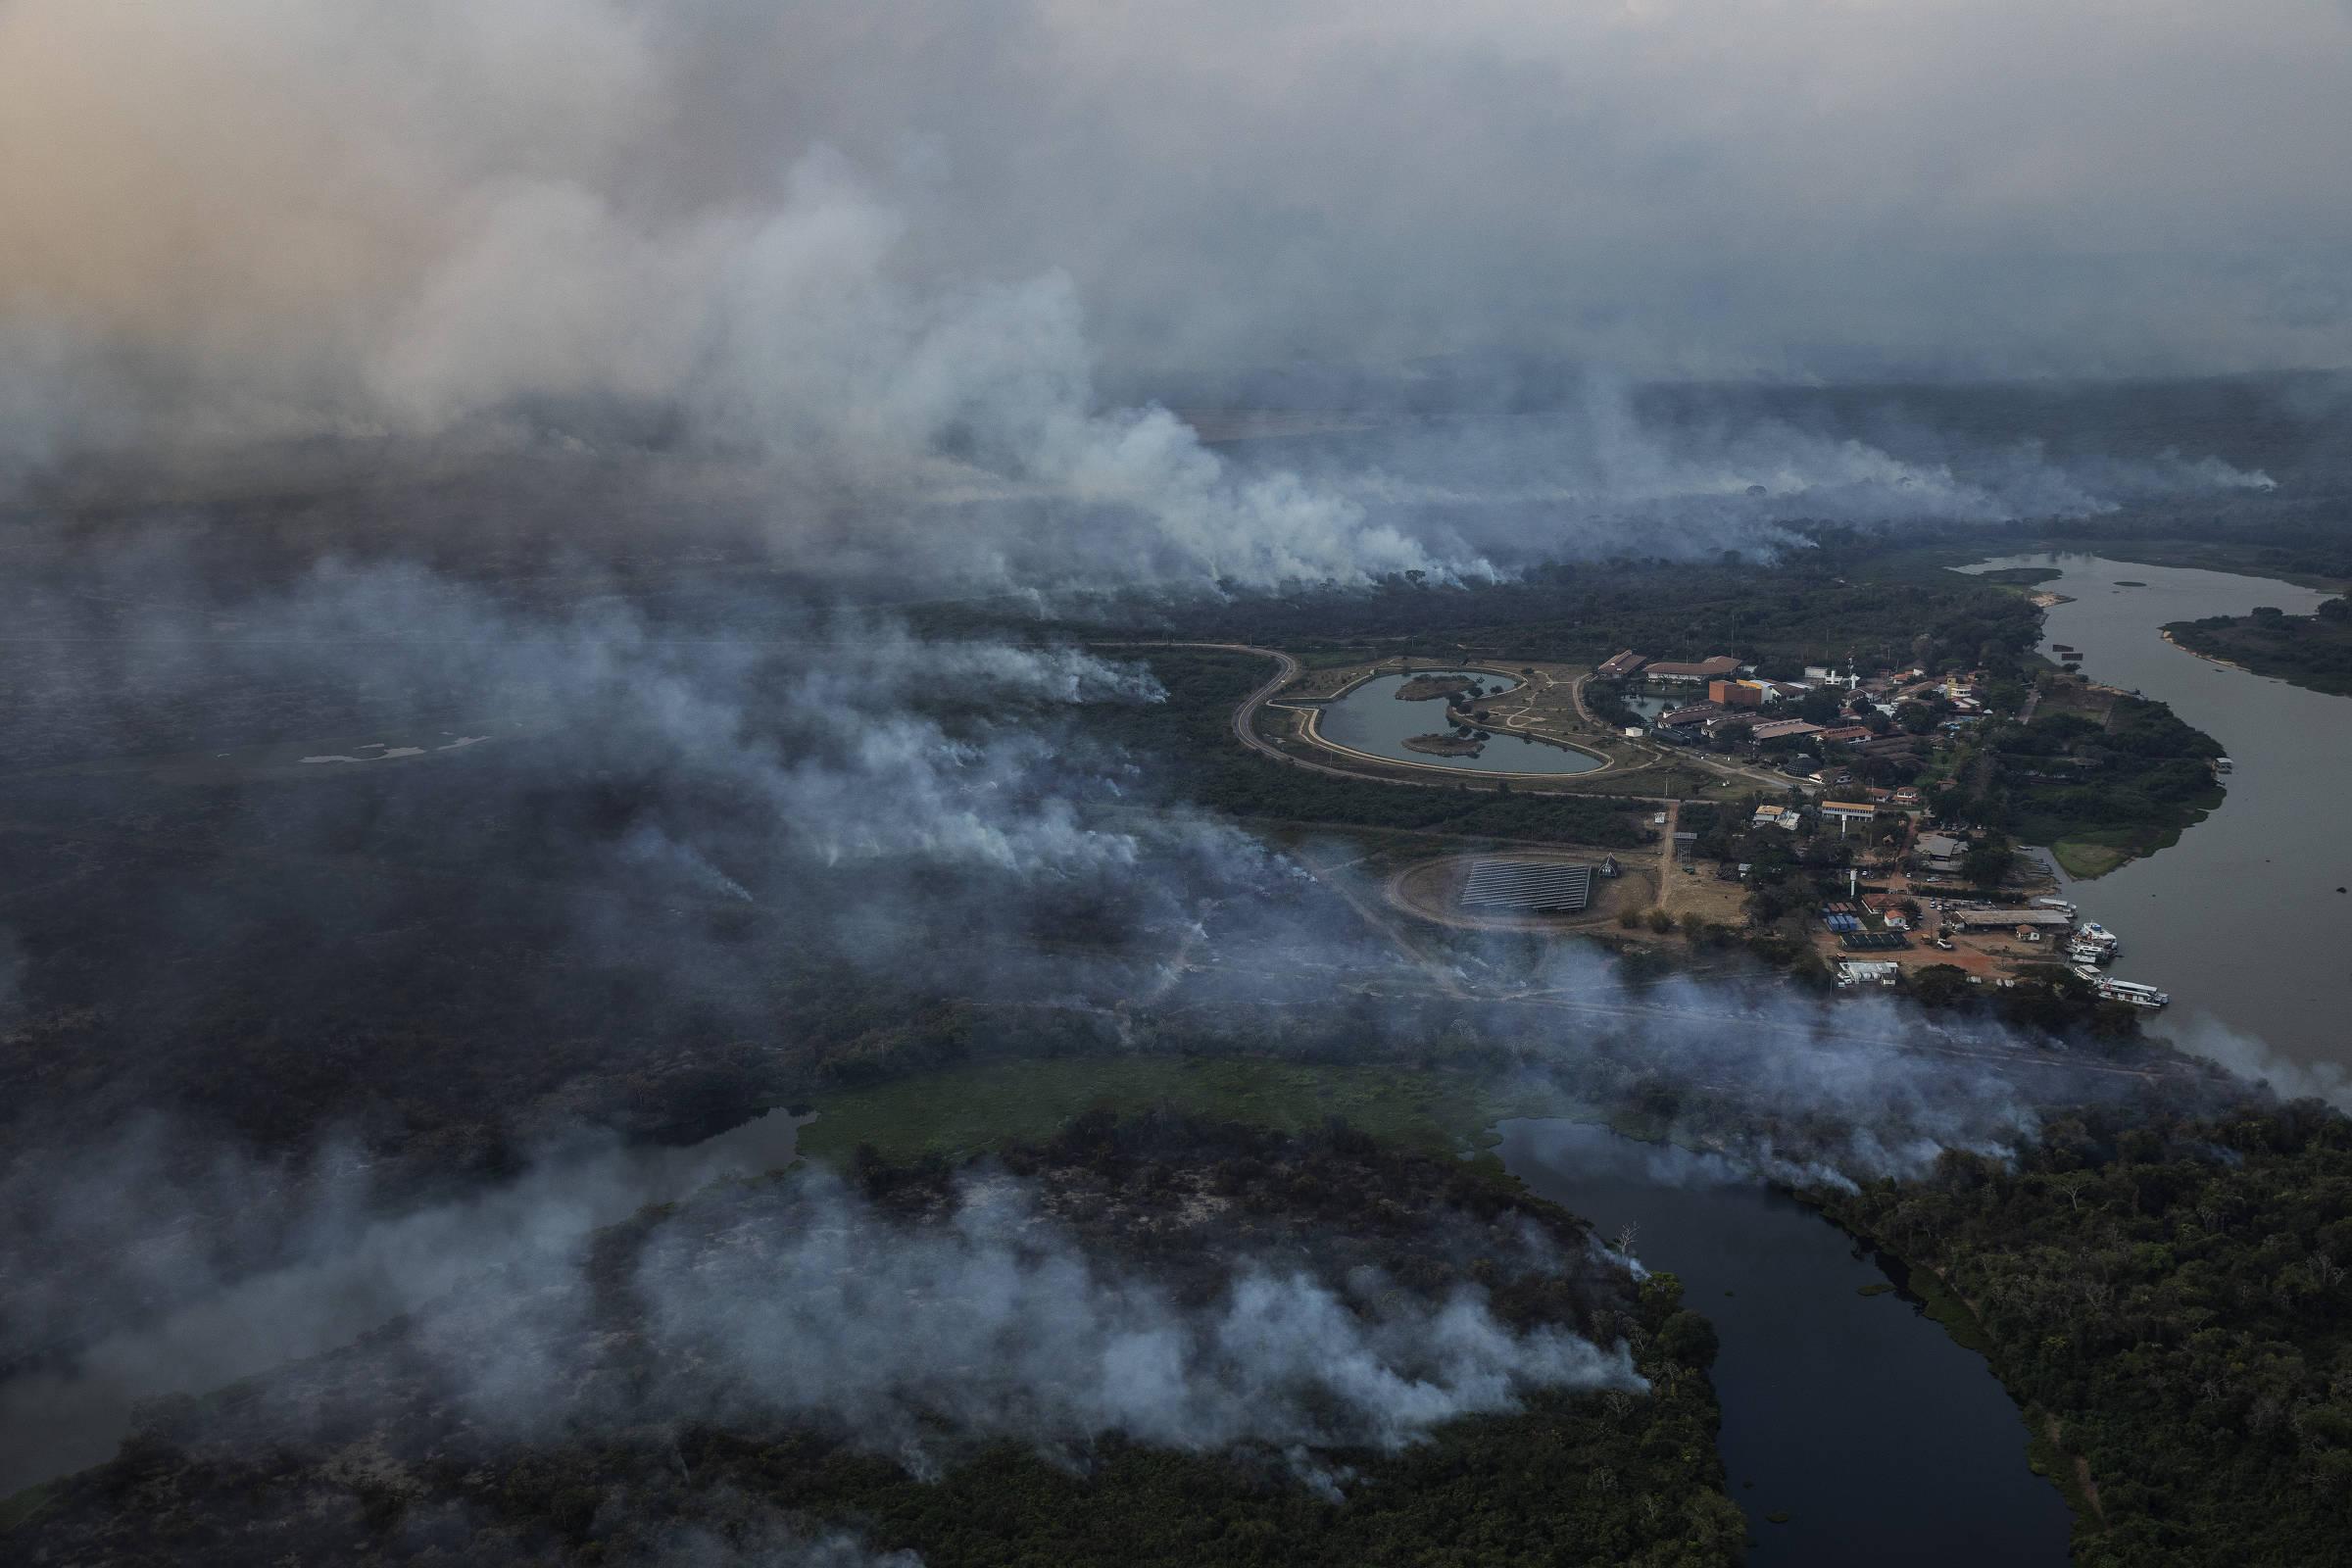 Incêndio florestal nos arredores do hotel Sesc Porto Cerrado na região do Pantanal, Mato Grosso do Sul, município de Poconé